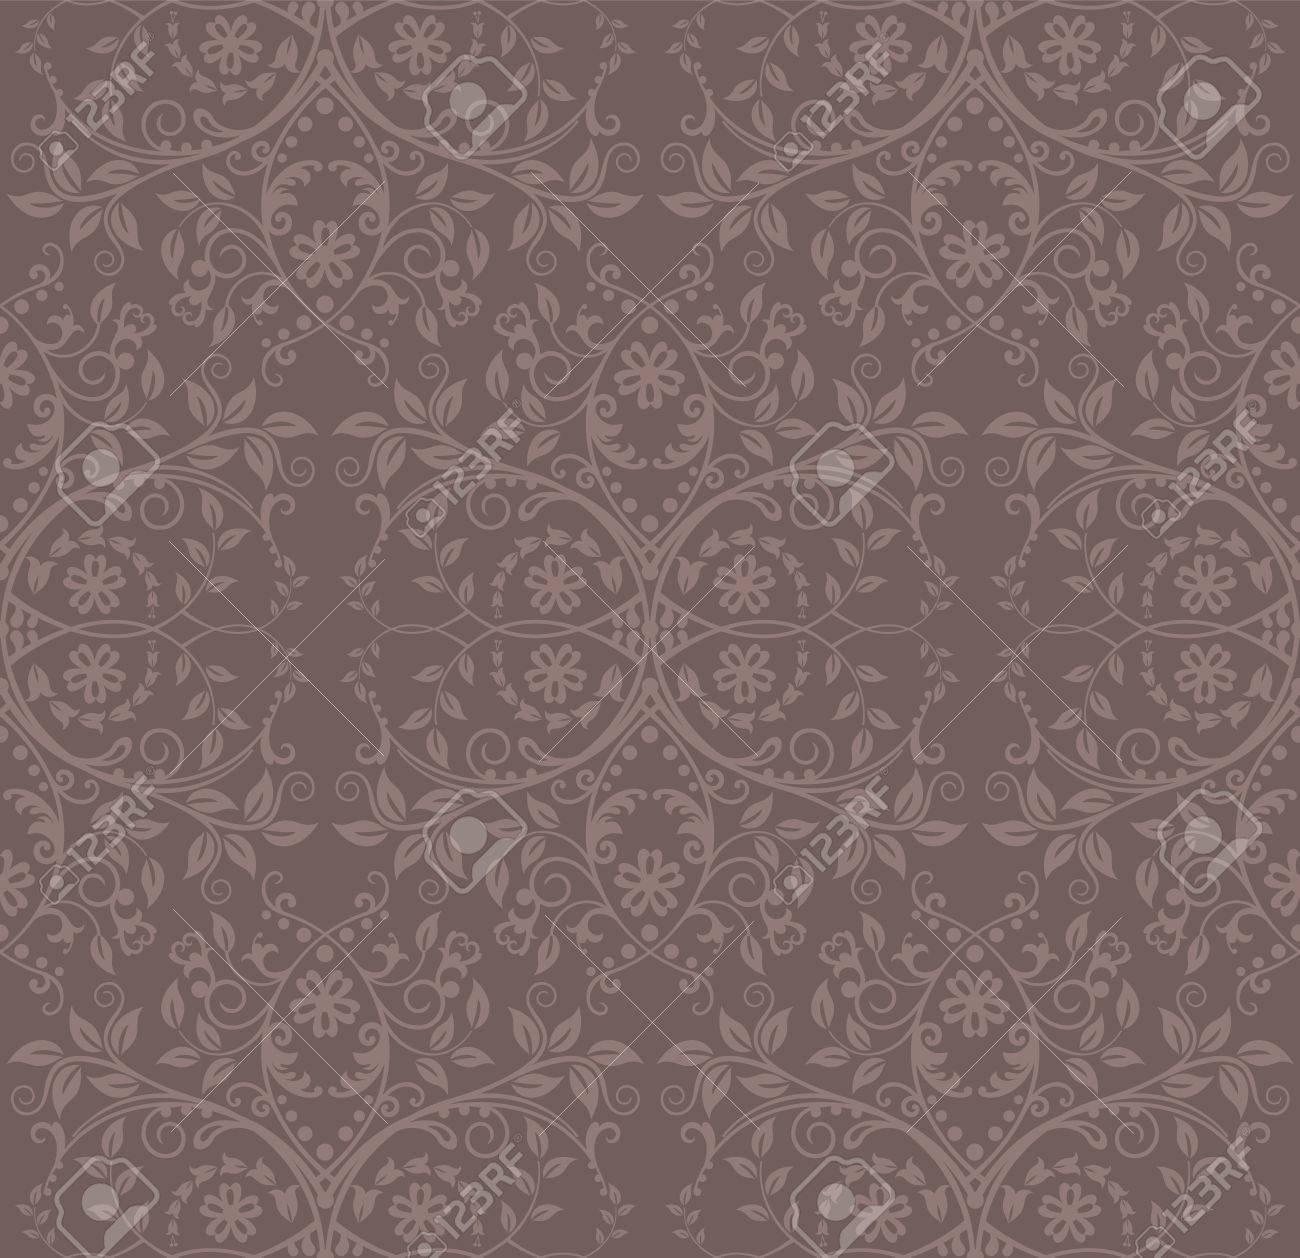 シームレスなココアの花の壁紙のイラスト素材 ベクタ Image 8328760